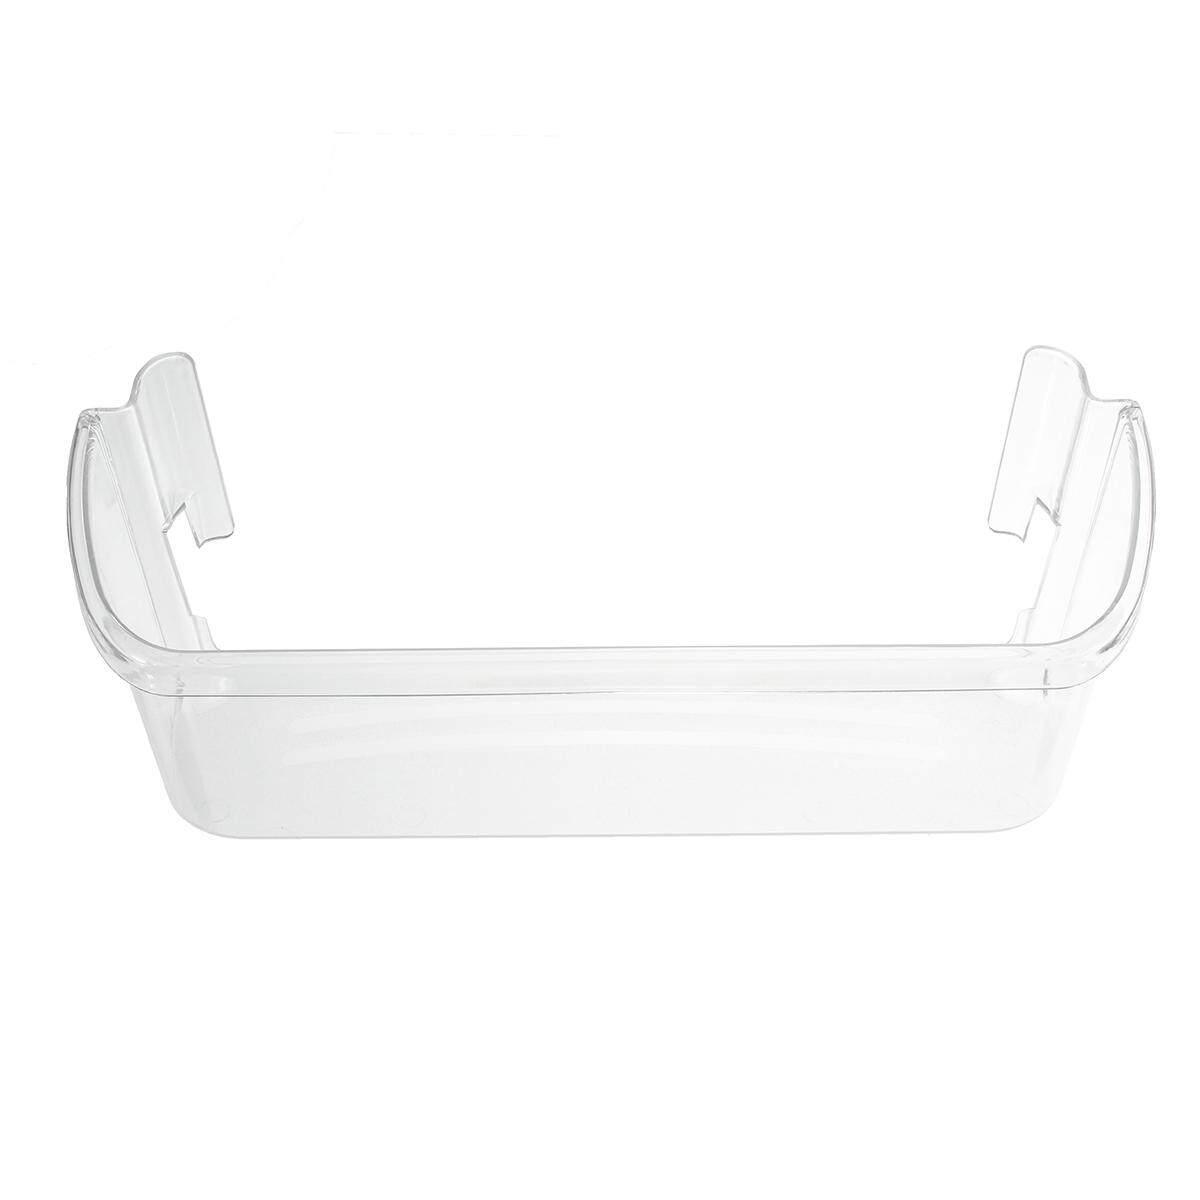 Hình ảnh NEW 240323002 - Frigidaire Refrigerator Door Bin Shelf Bucket Clear Replacement - intl